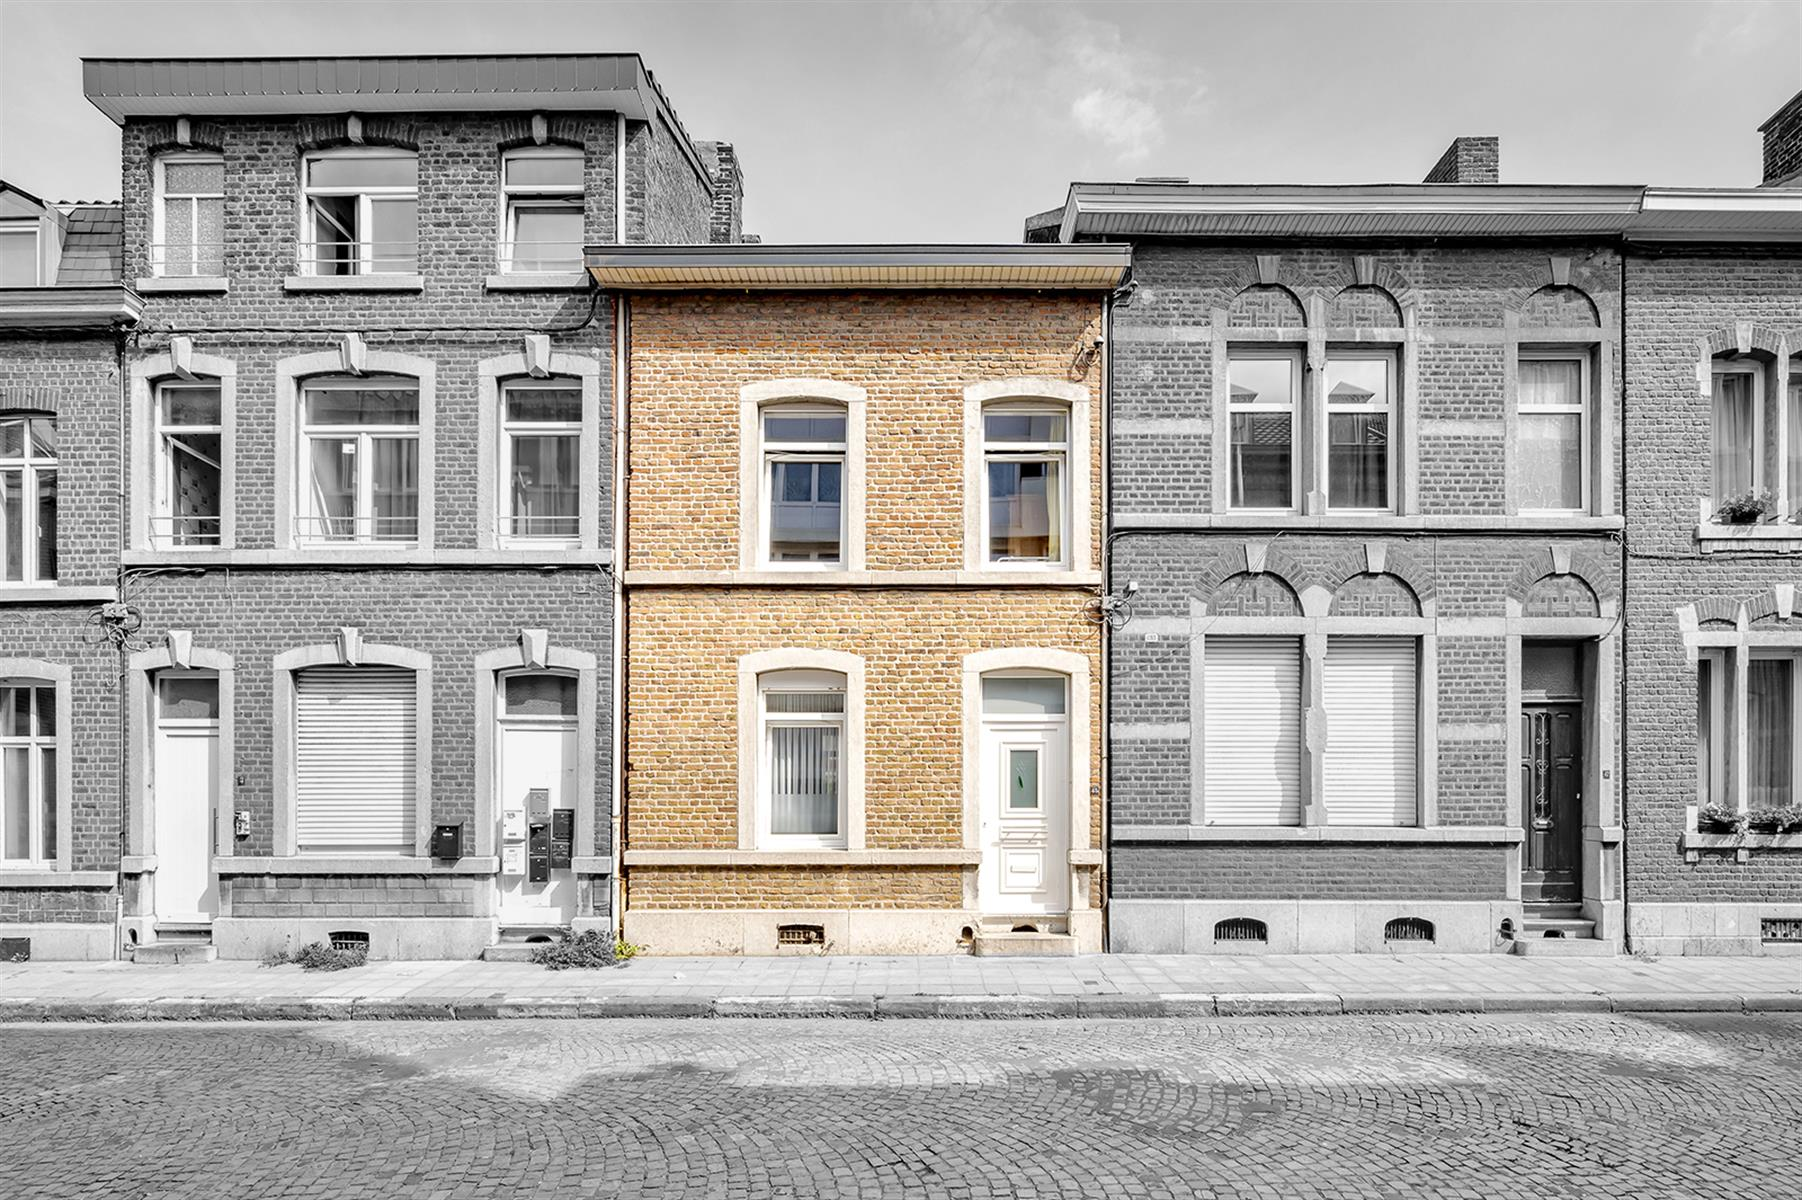 Maison - Liege - #3844214-0